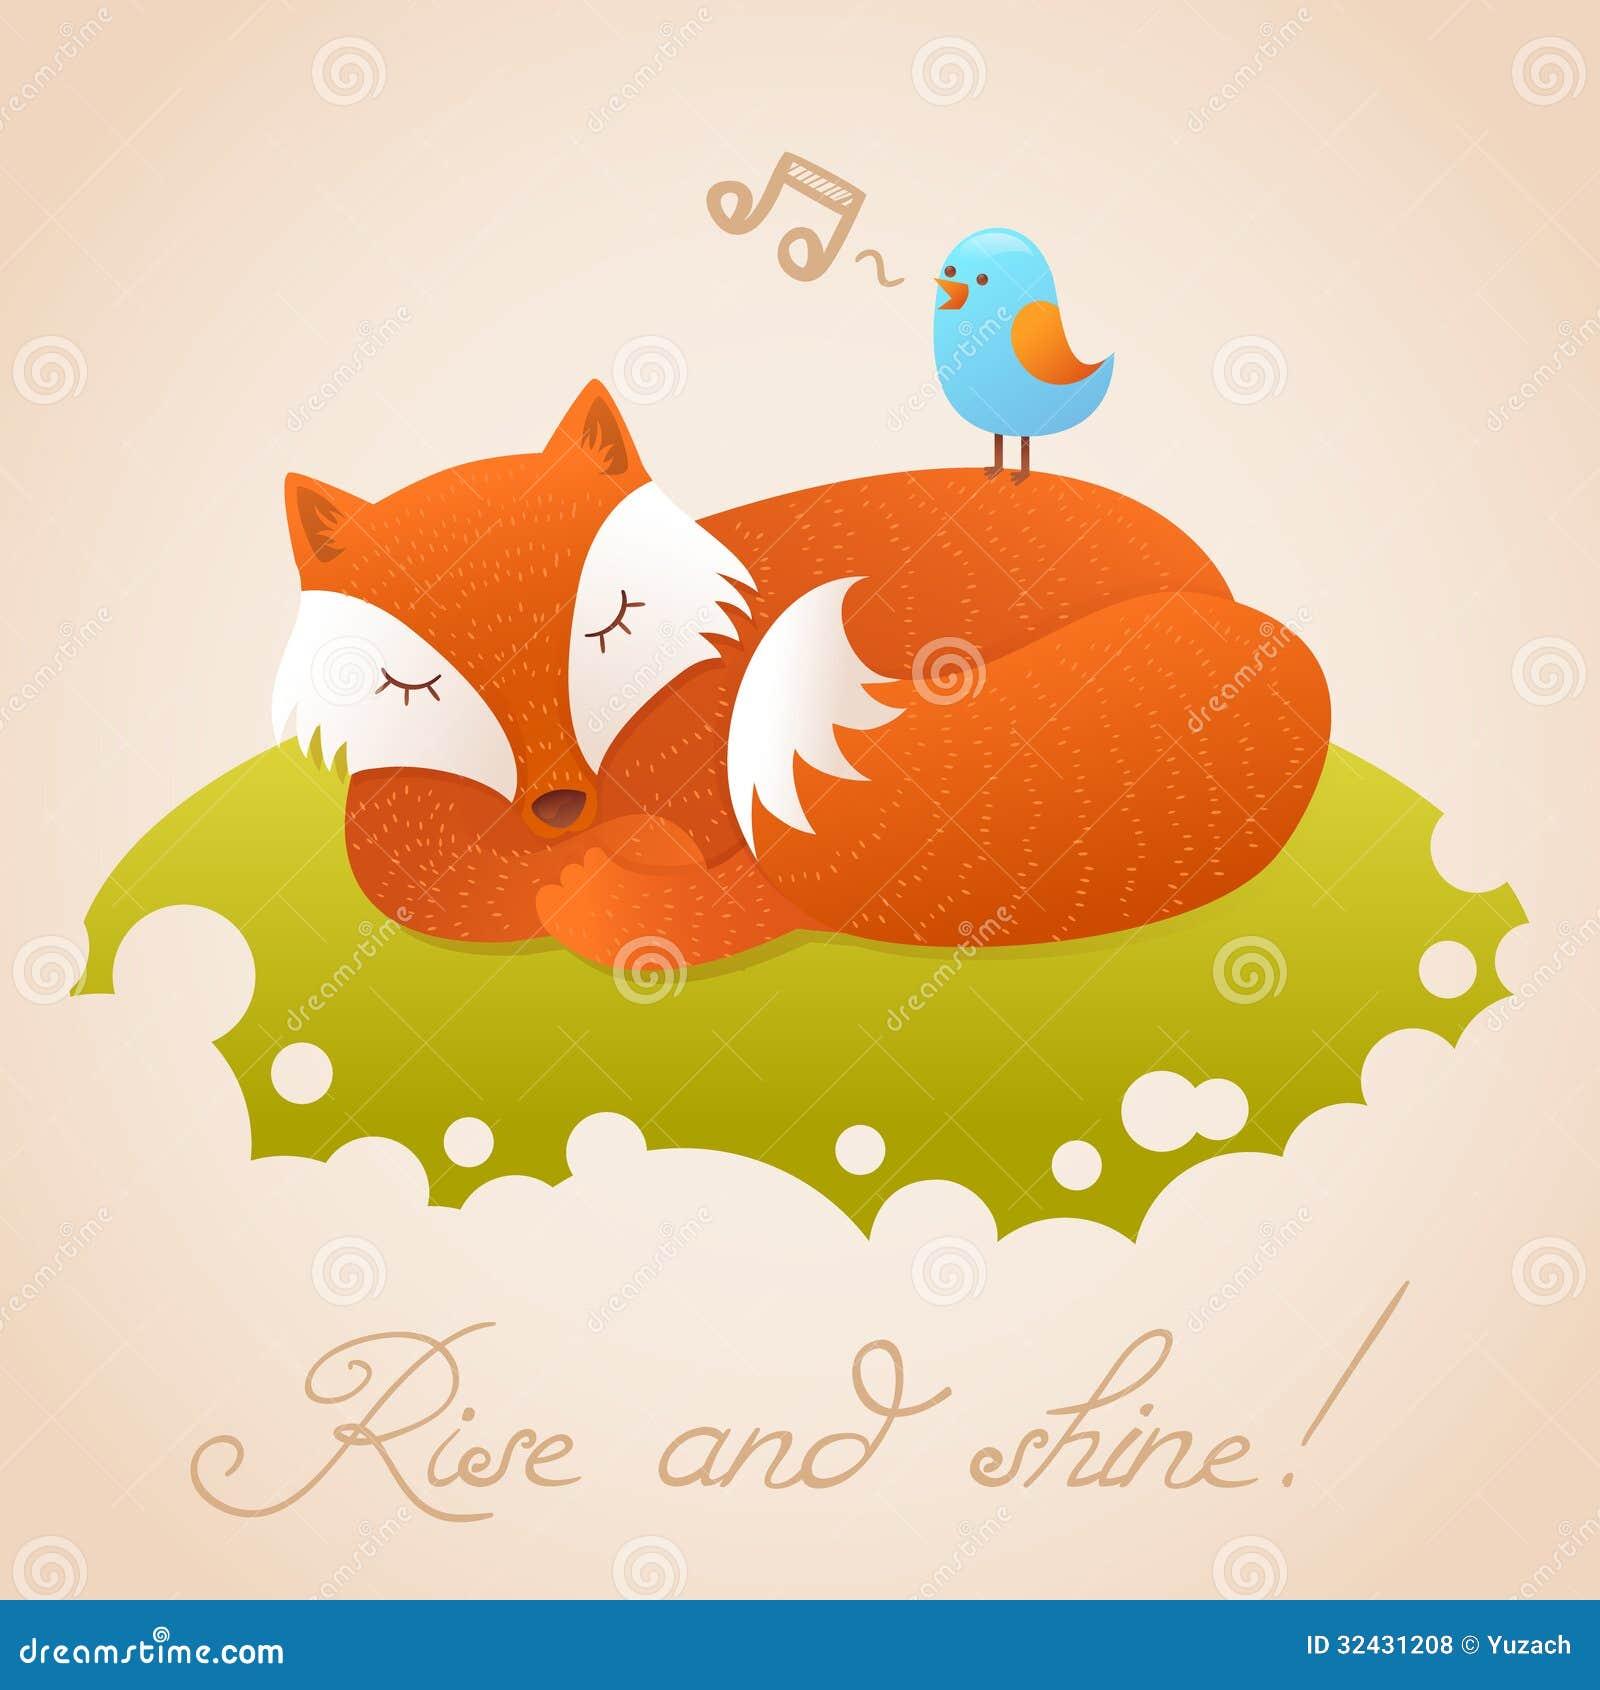 Cartoon Baby Fox Stock Vector - Image: 49081892  |Vector Cute Baby Fox